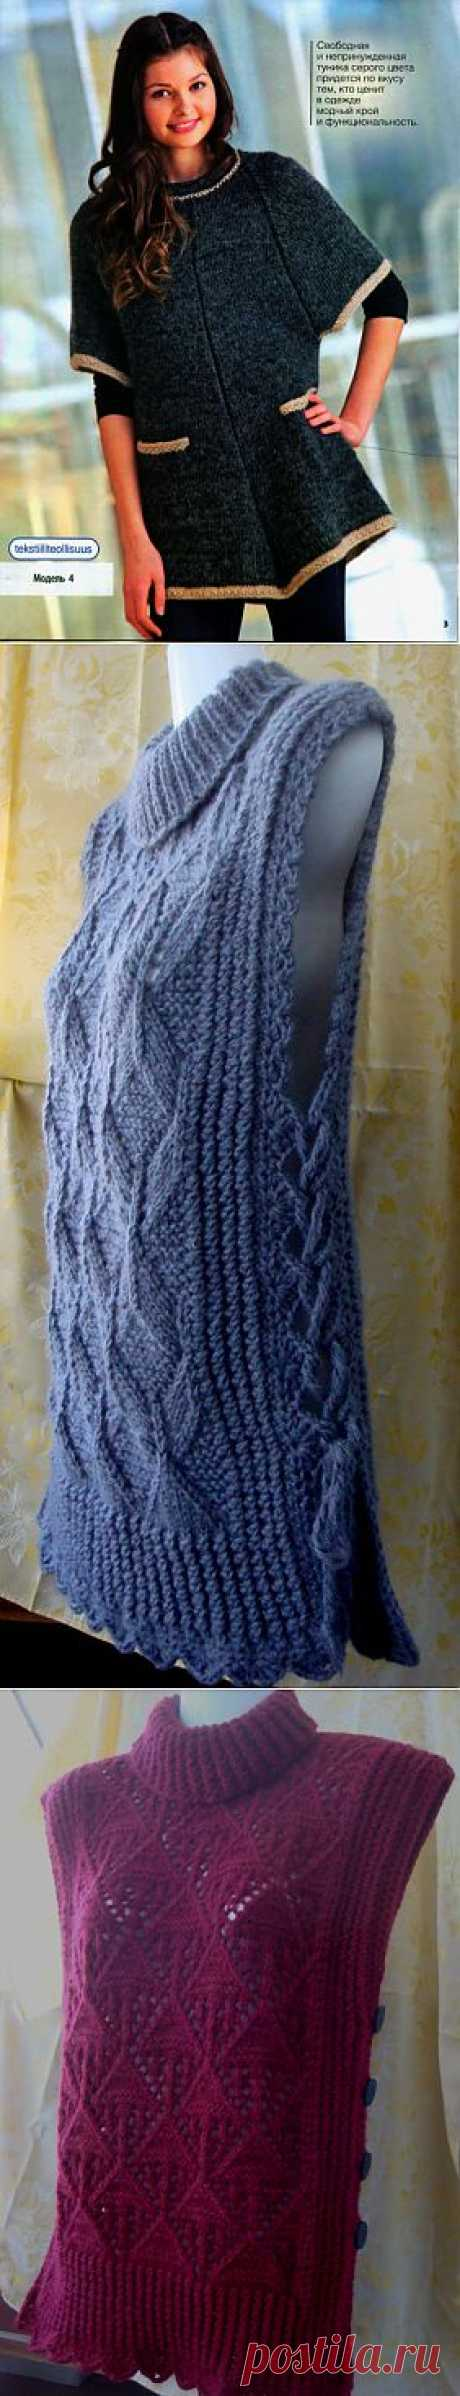 Вязание. | Записи в рубрике Вязание. | Дневник Iren_Yusuf